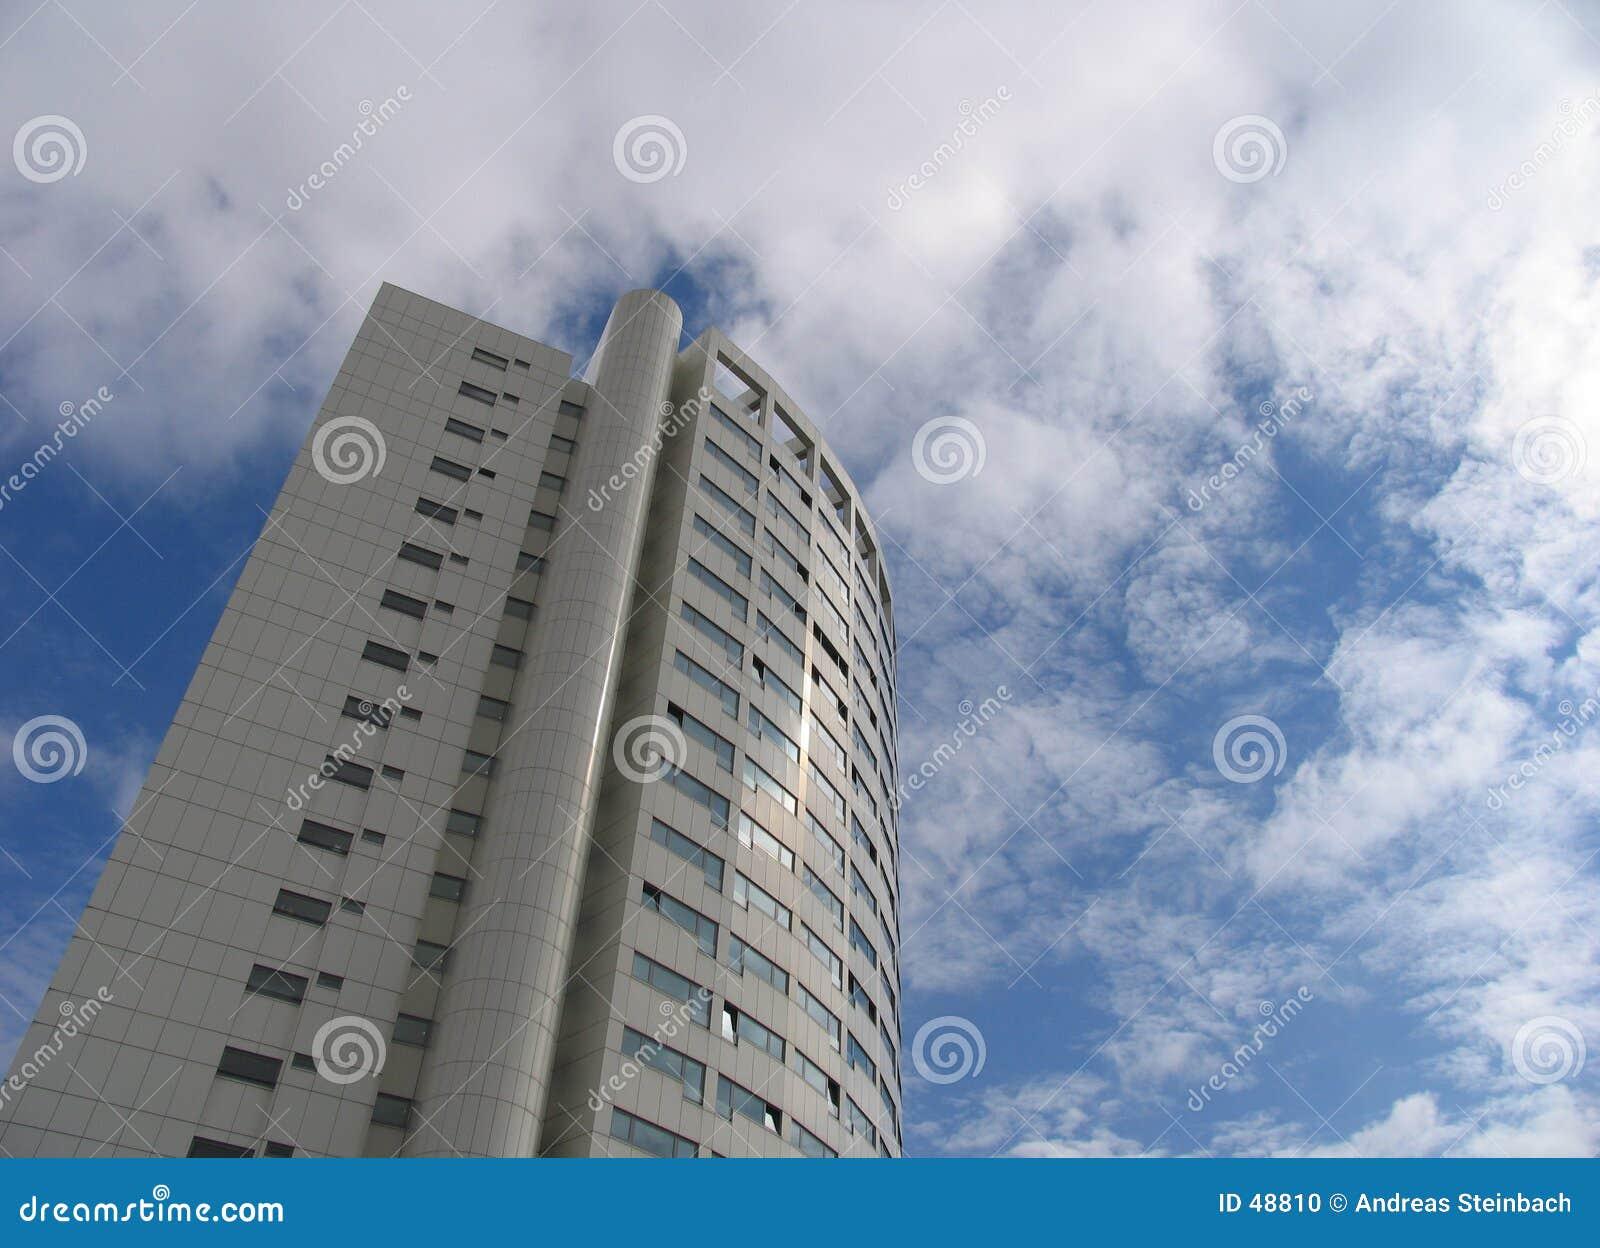 公寓奥地利大厦